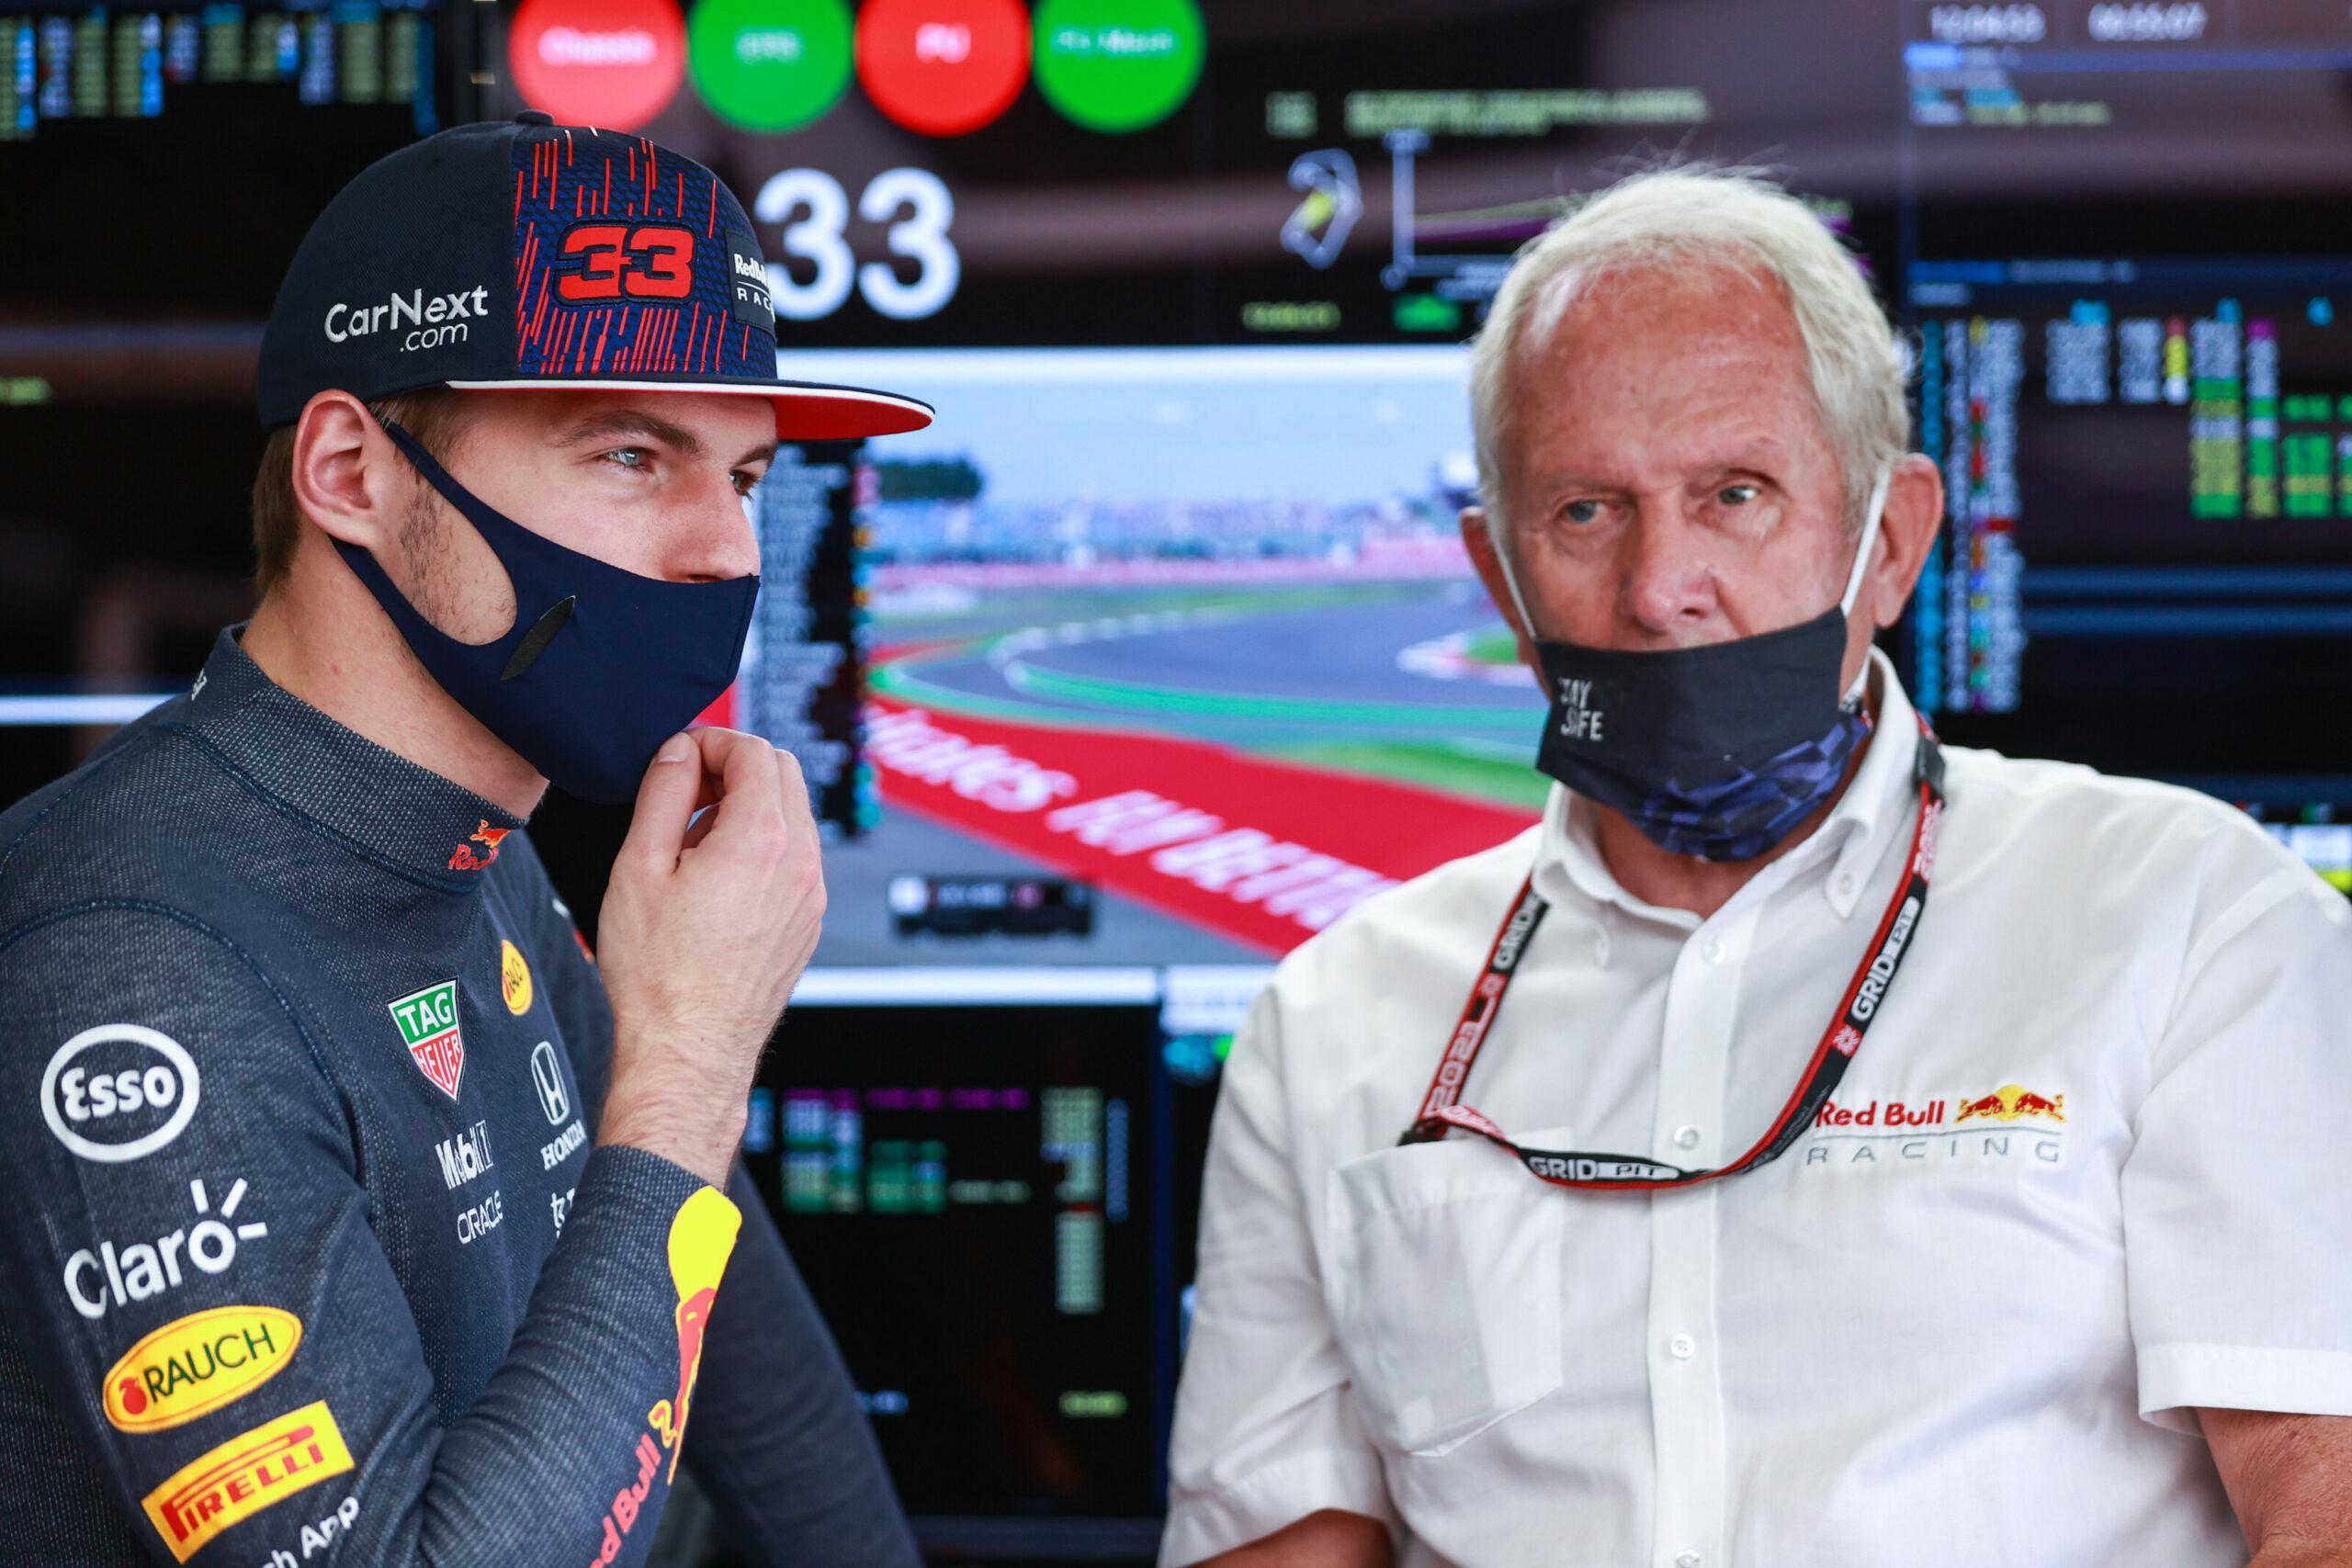 F1 - Verstappen ne cherchera pas à se venger à Budapest